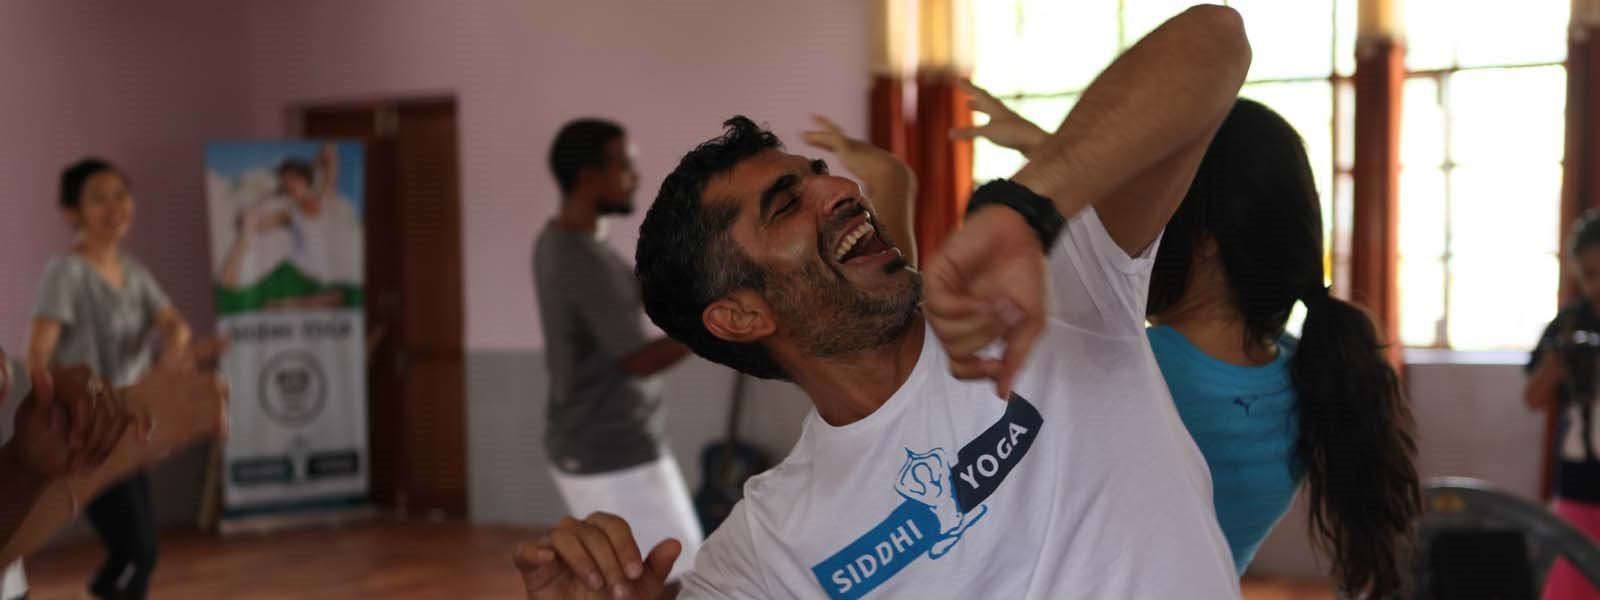 india yoga teacher deep from malaysia